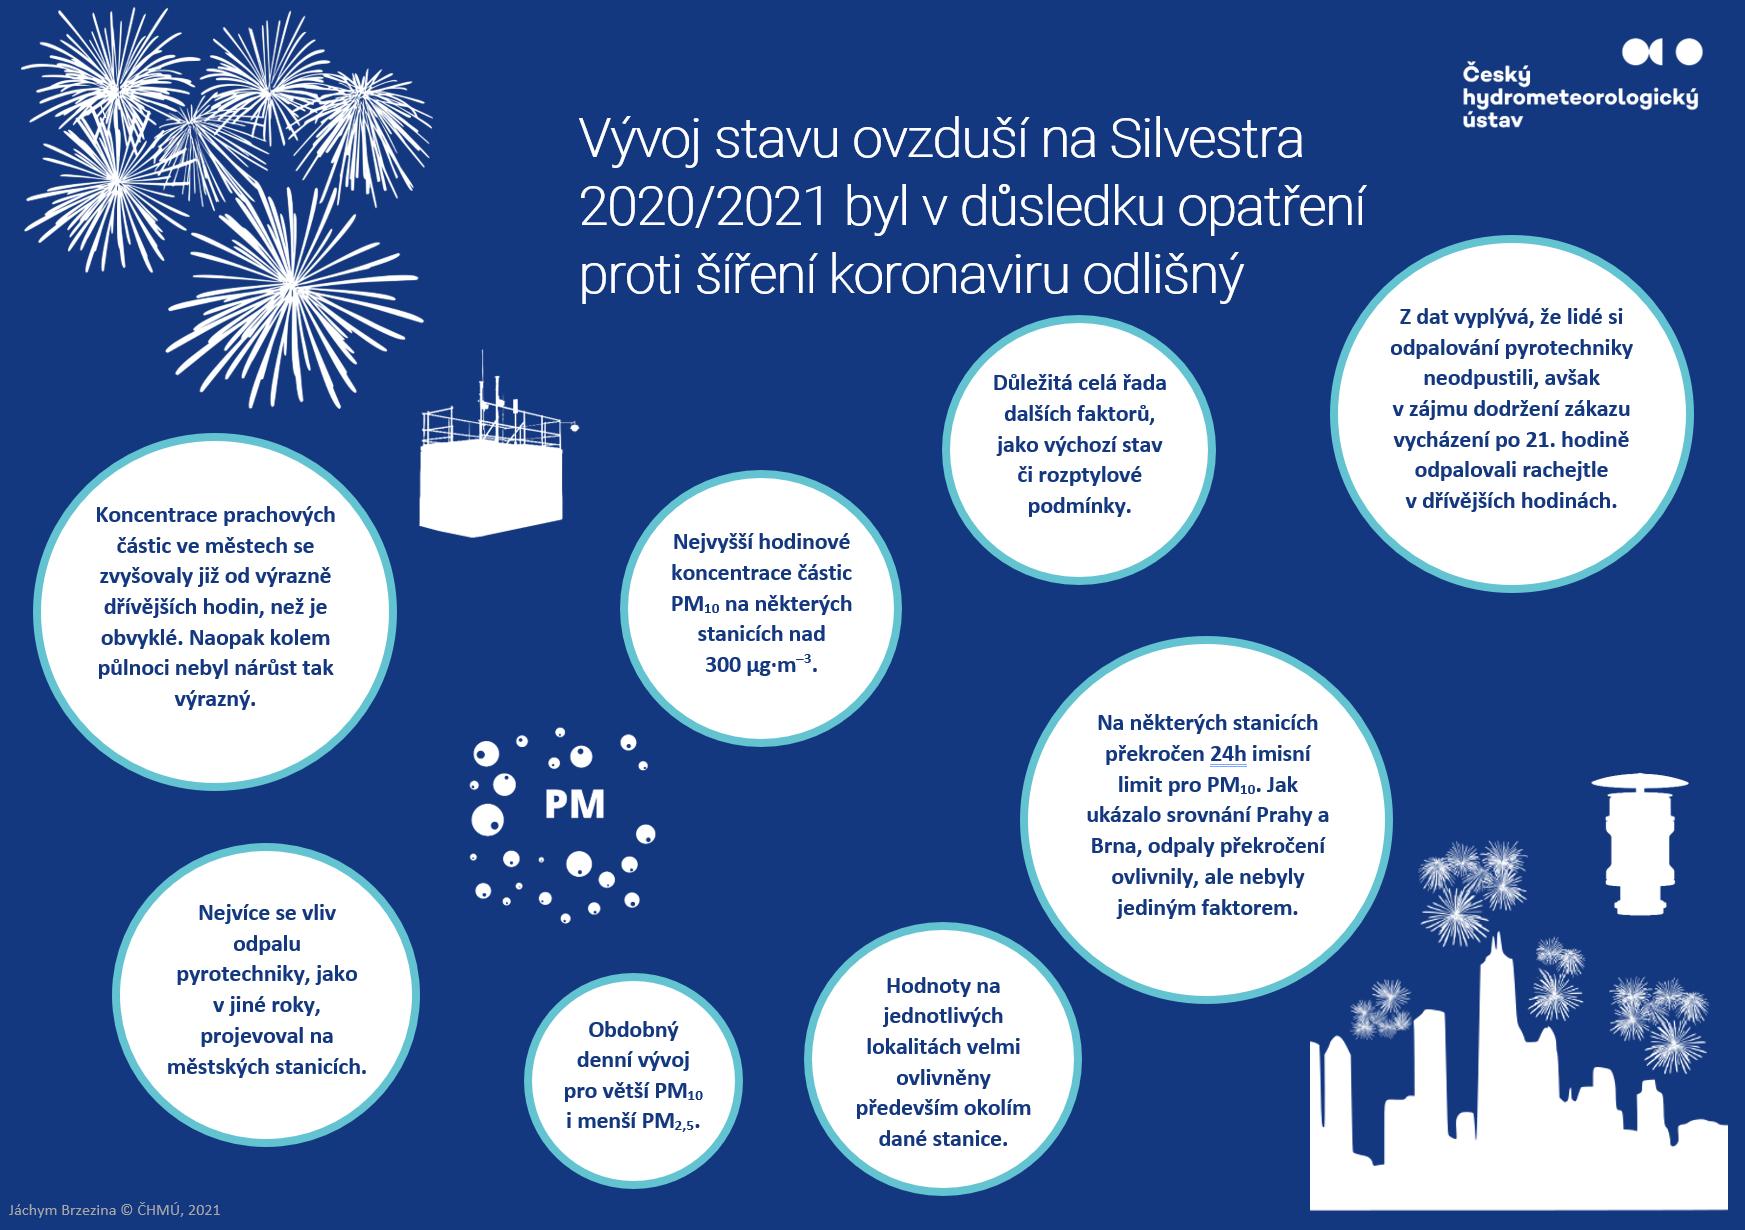 Vývoj stavu ovzduší na Silvestra 2020/2021 byl v důsledku opatření proti šíření koronaviru odlišný28 min čtení